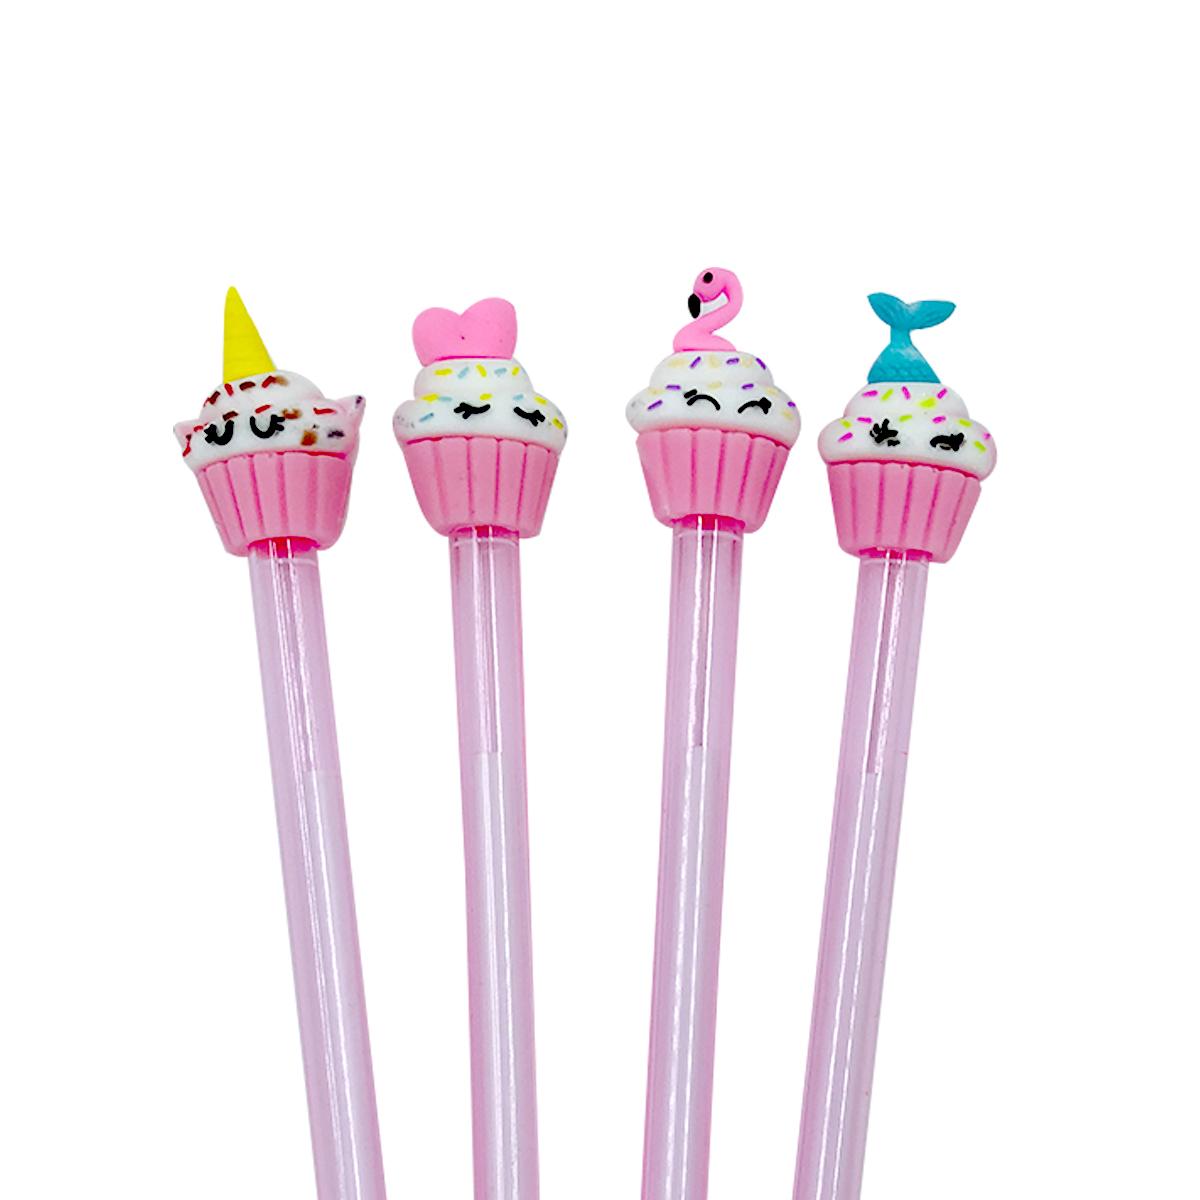 Caneta Divertida Magical Cupcake Poop Store